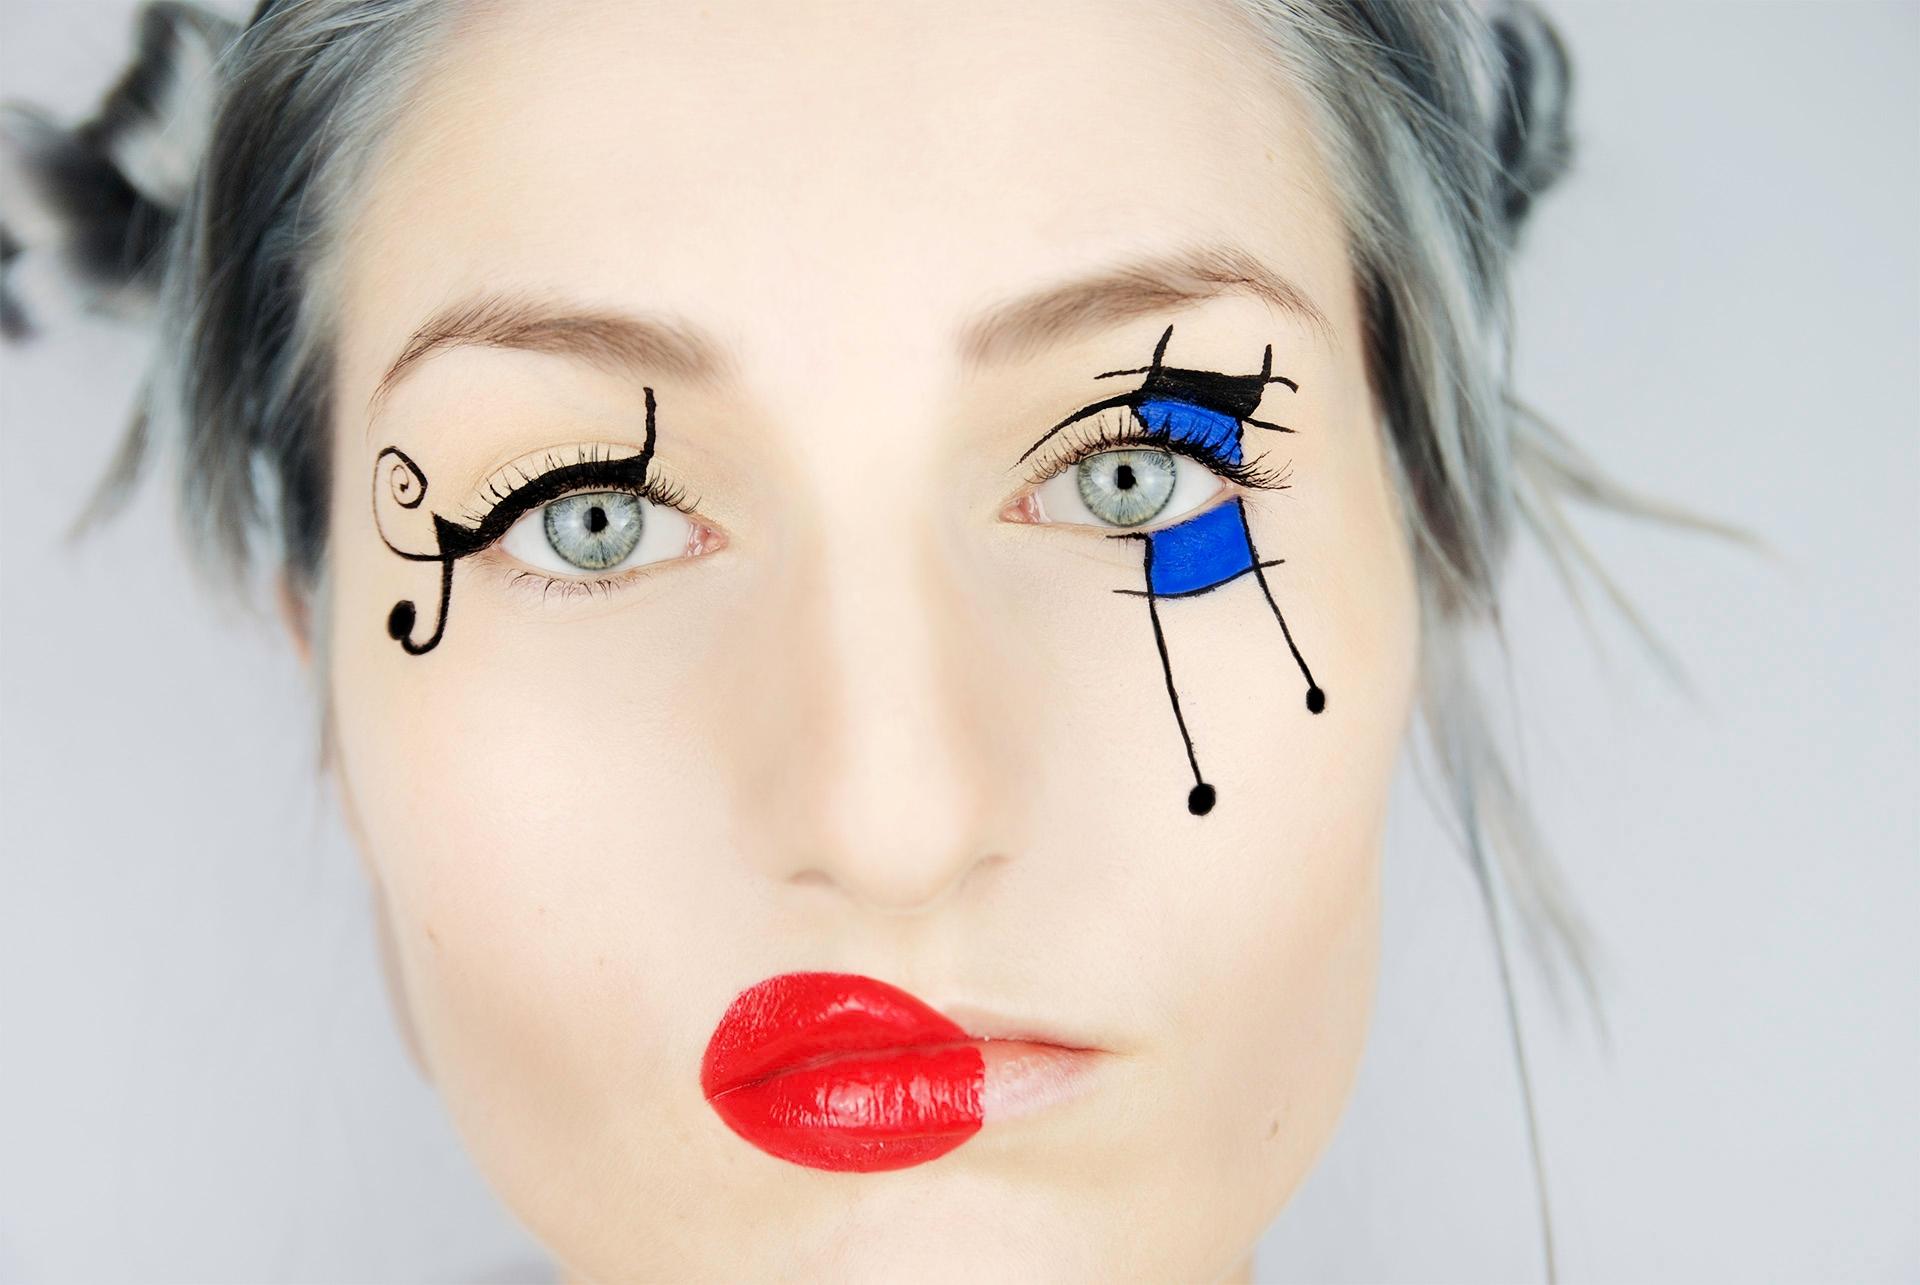 Zdjęcie przedstawia portret kobiety w artystycznym makijażu na szarym tle. Kobieta ma czerwone usta i niebiesko-czarne kształty na powiekach.